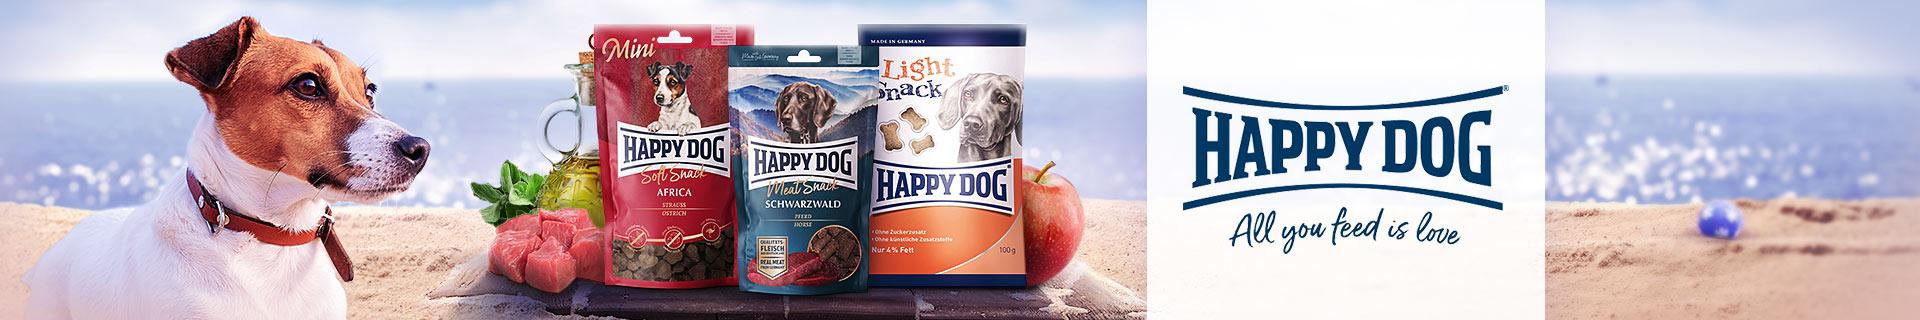 Happy Dog Snacks